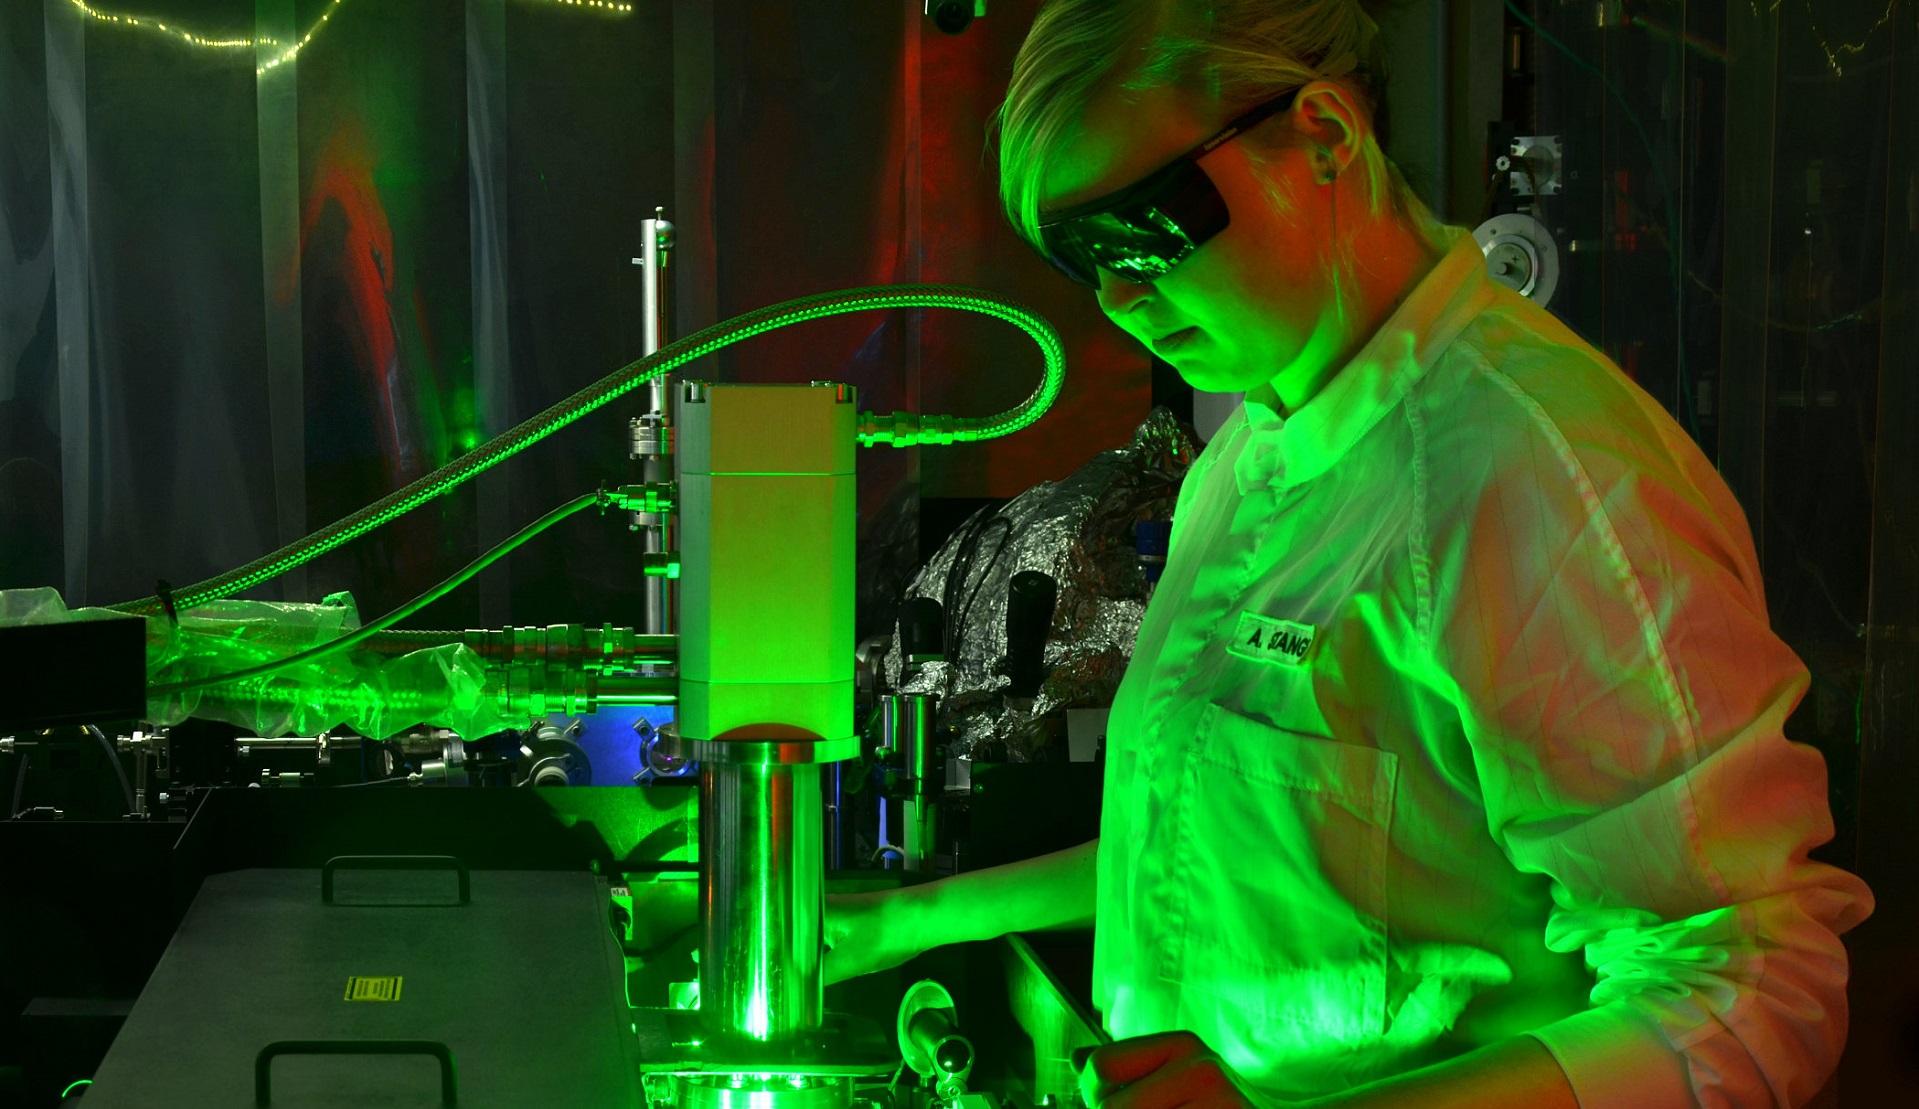 Logran captar el movimiento de los electrones con una cámara